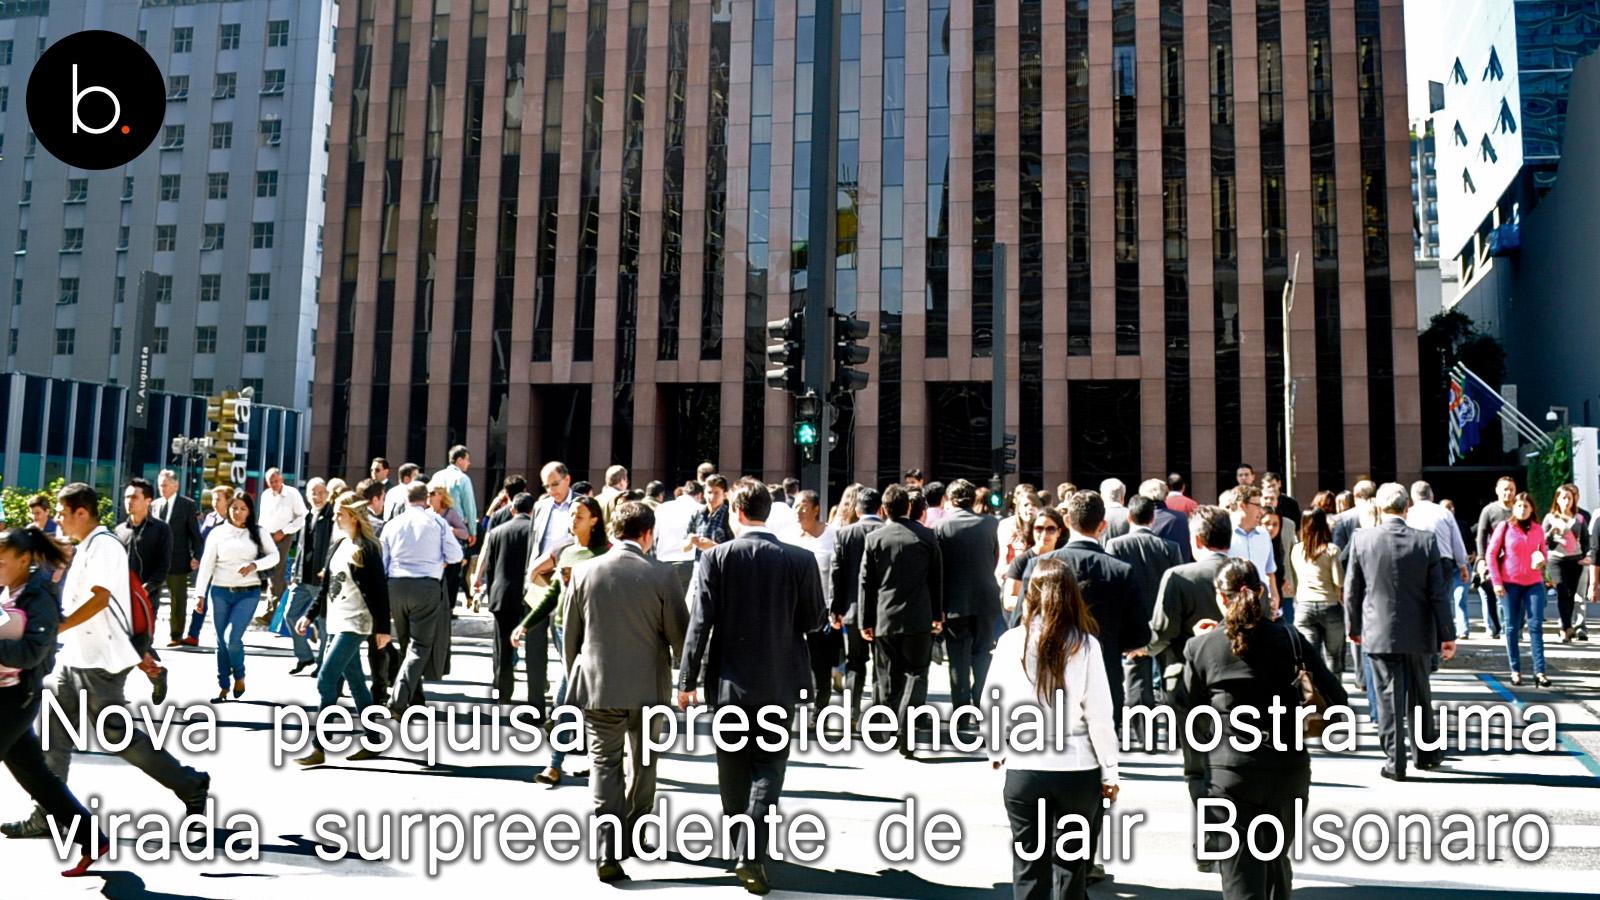 Nova pesquisa presidencial mostra uma virada surpreendente de Jair Bolsonaro